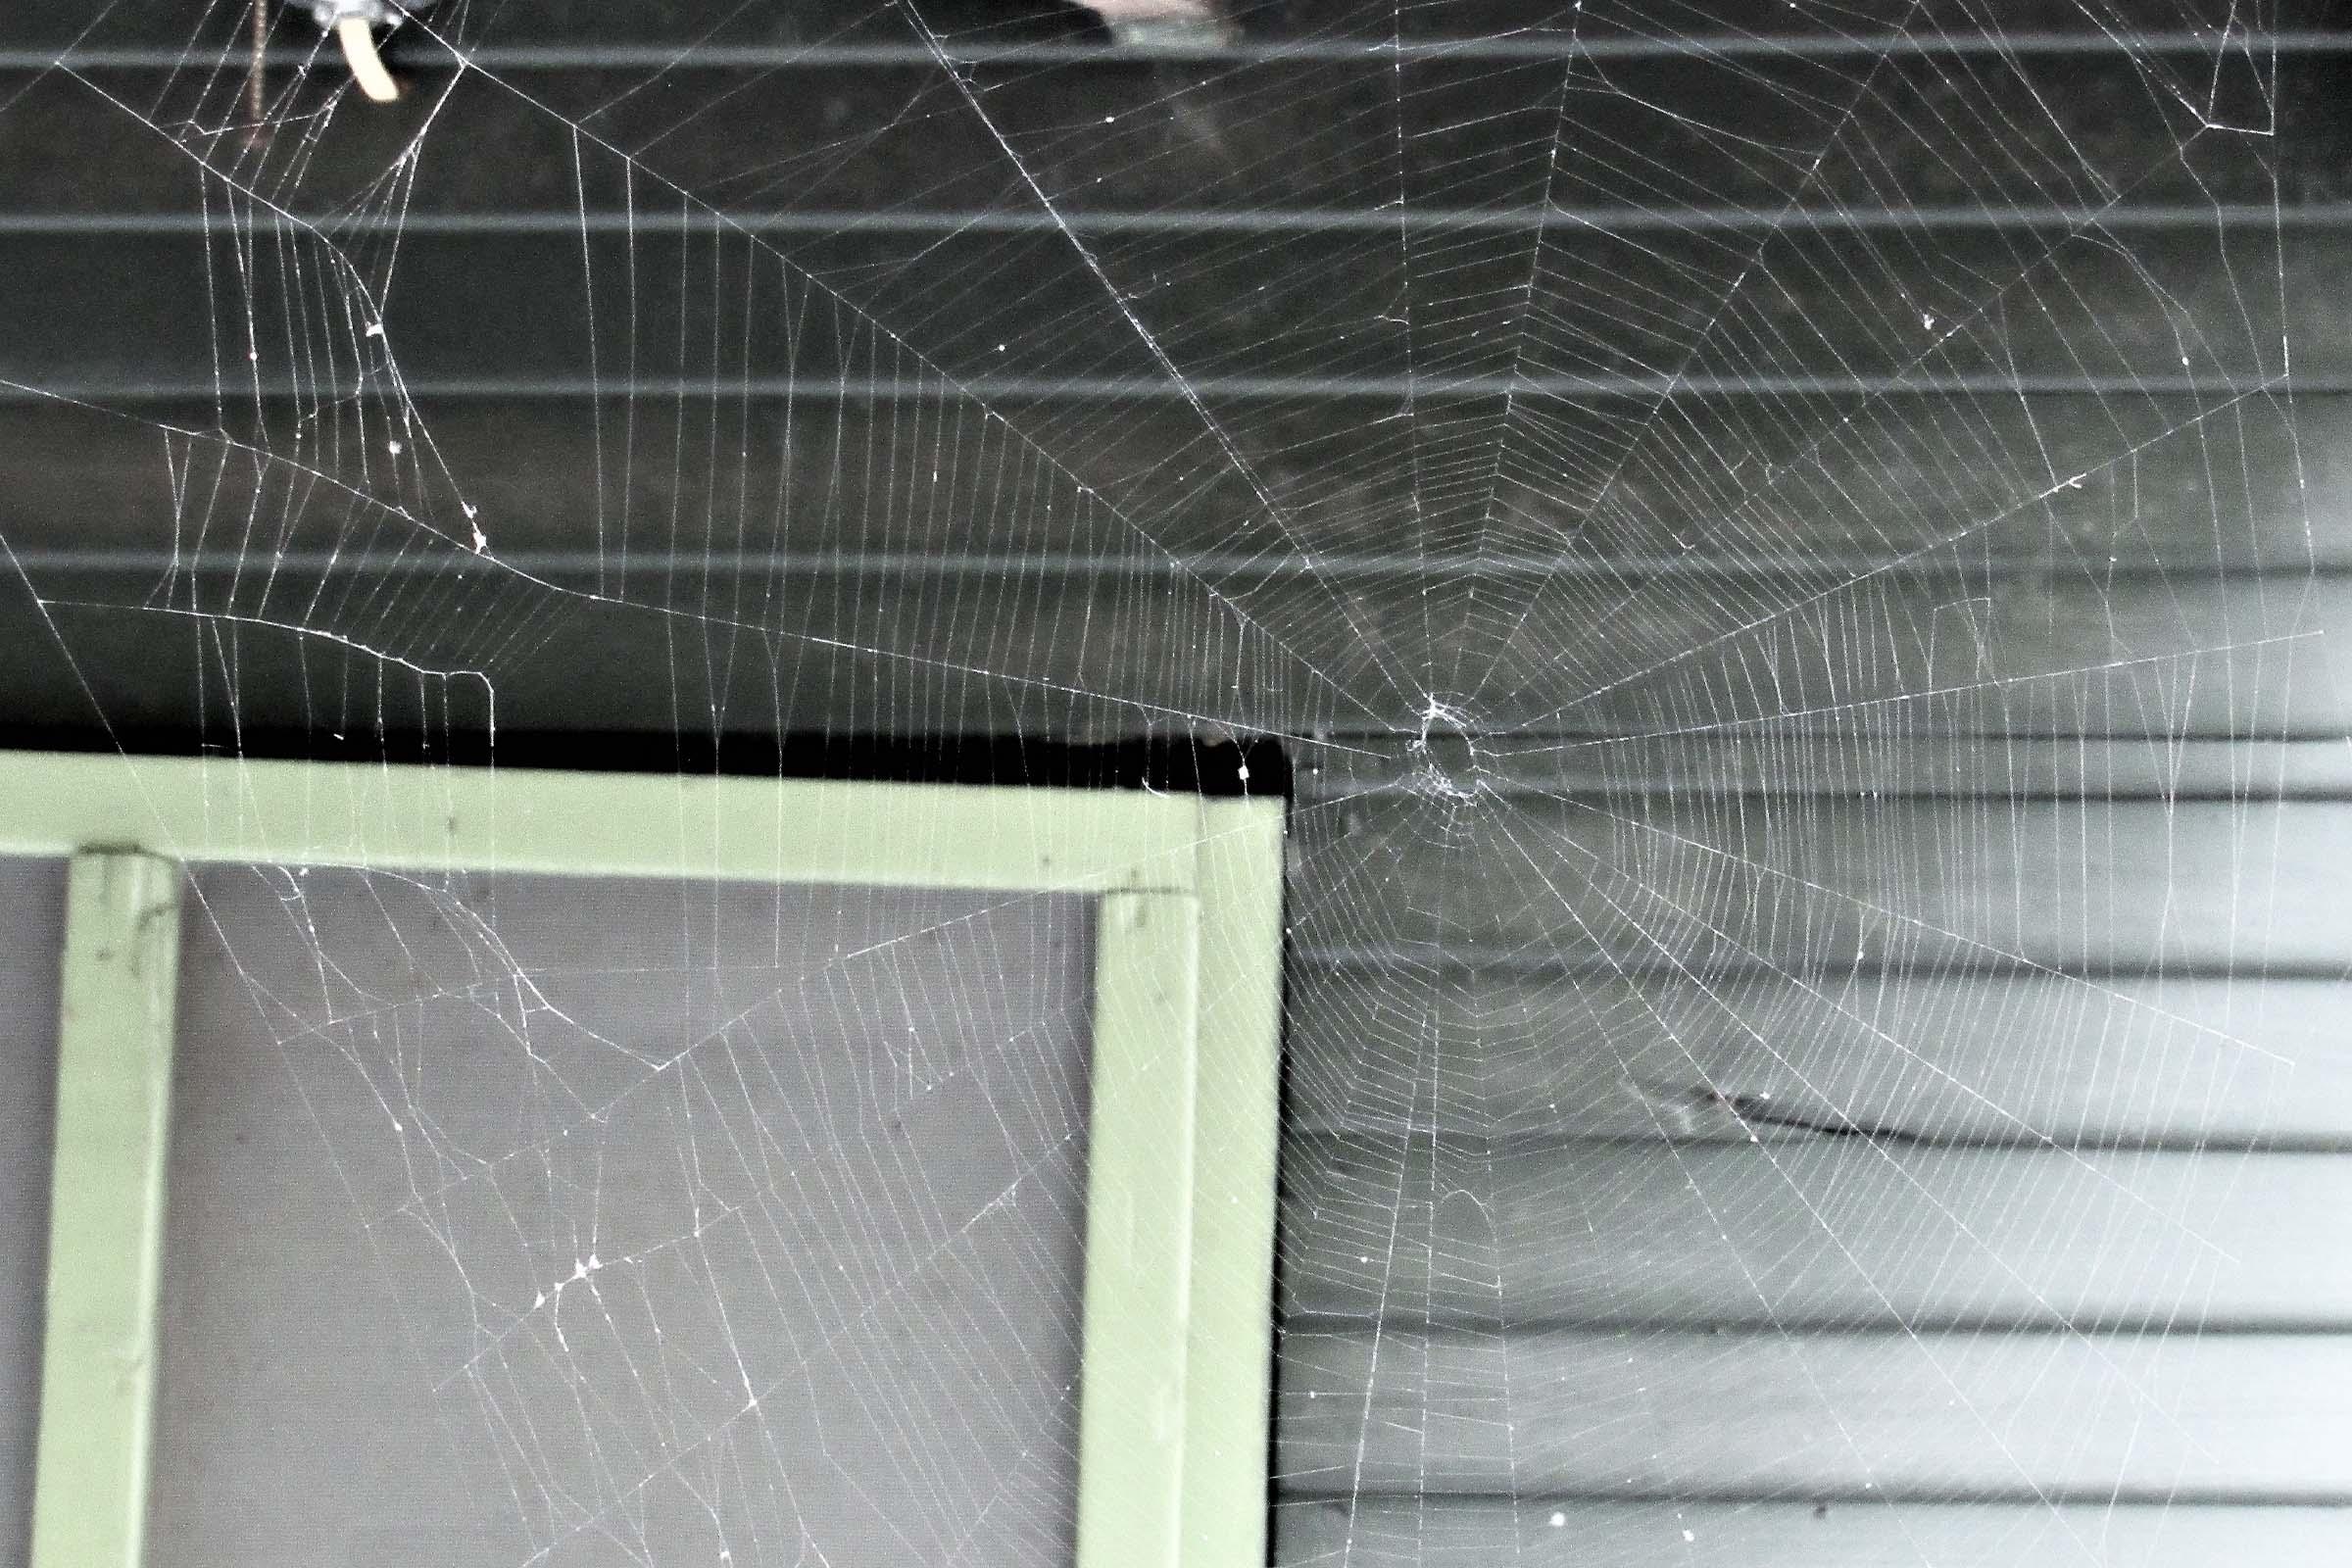 spider web on porch